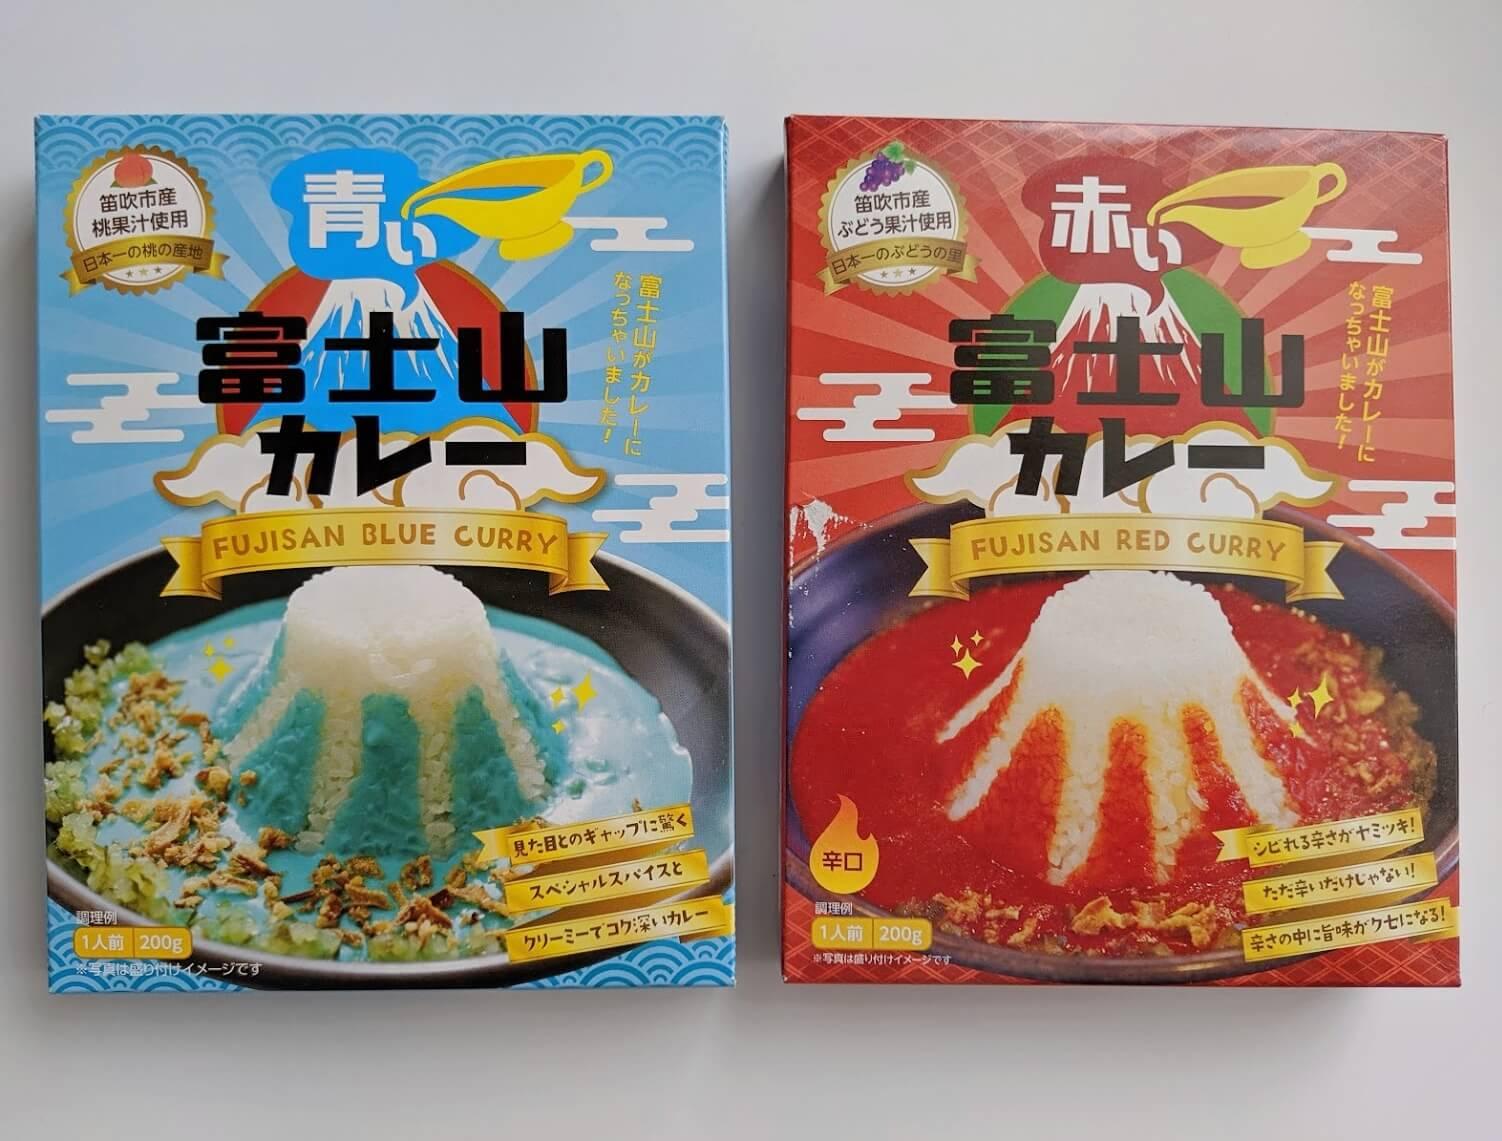 お土産用の青い富士山カレーと赤い富士山カレー